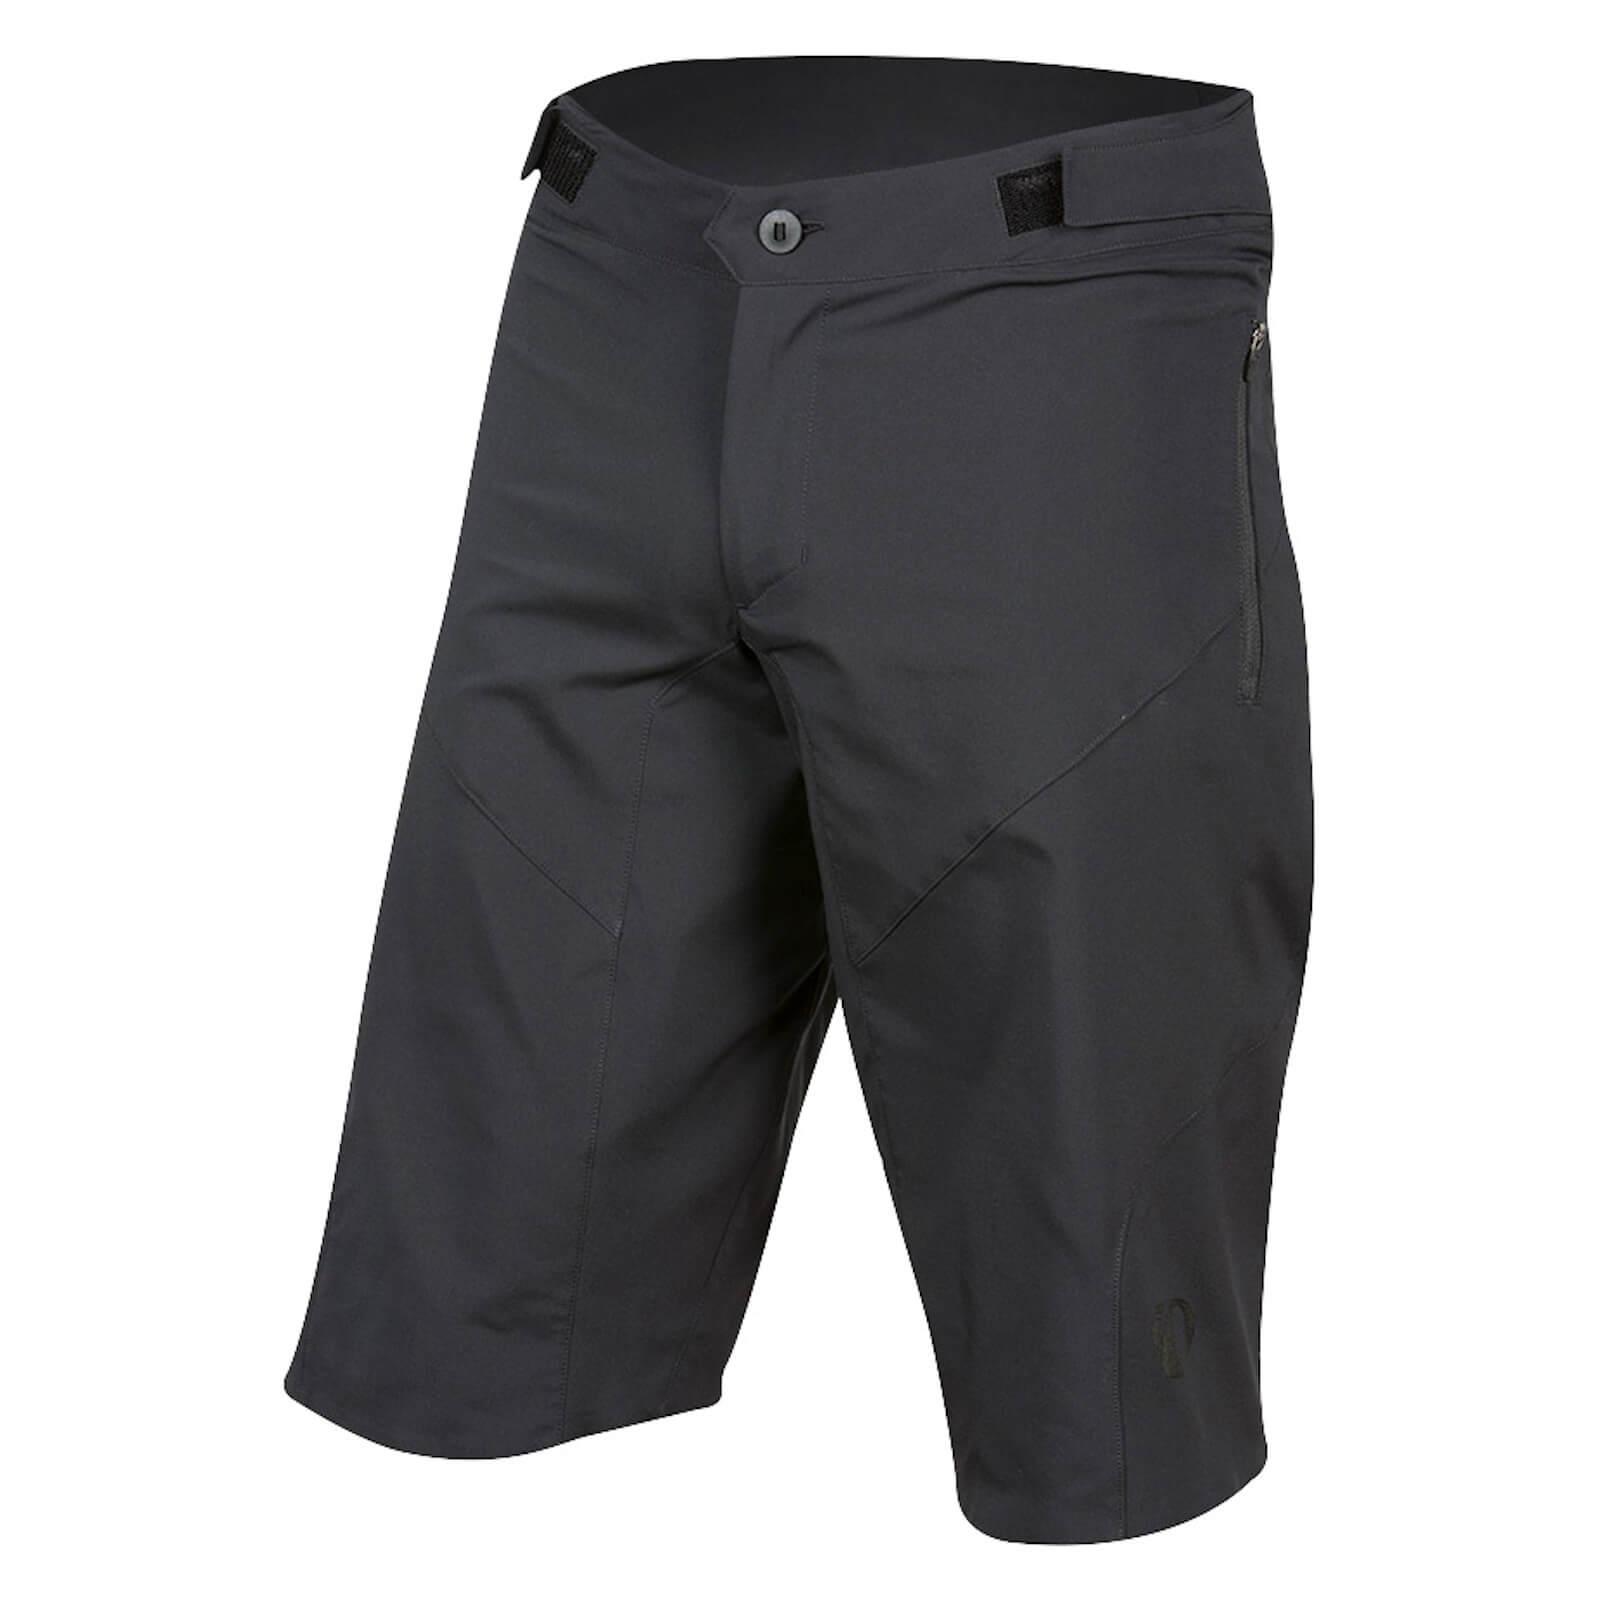 Pearl Izumi Summit Shorts - W30 - Forest